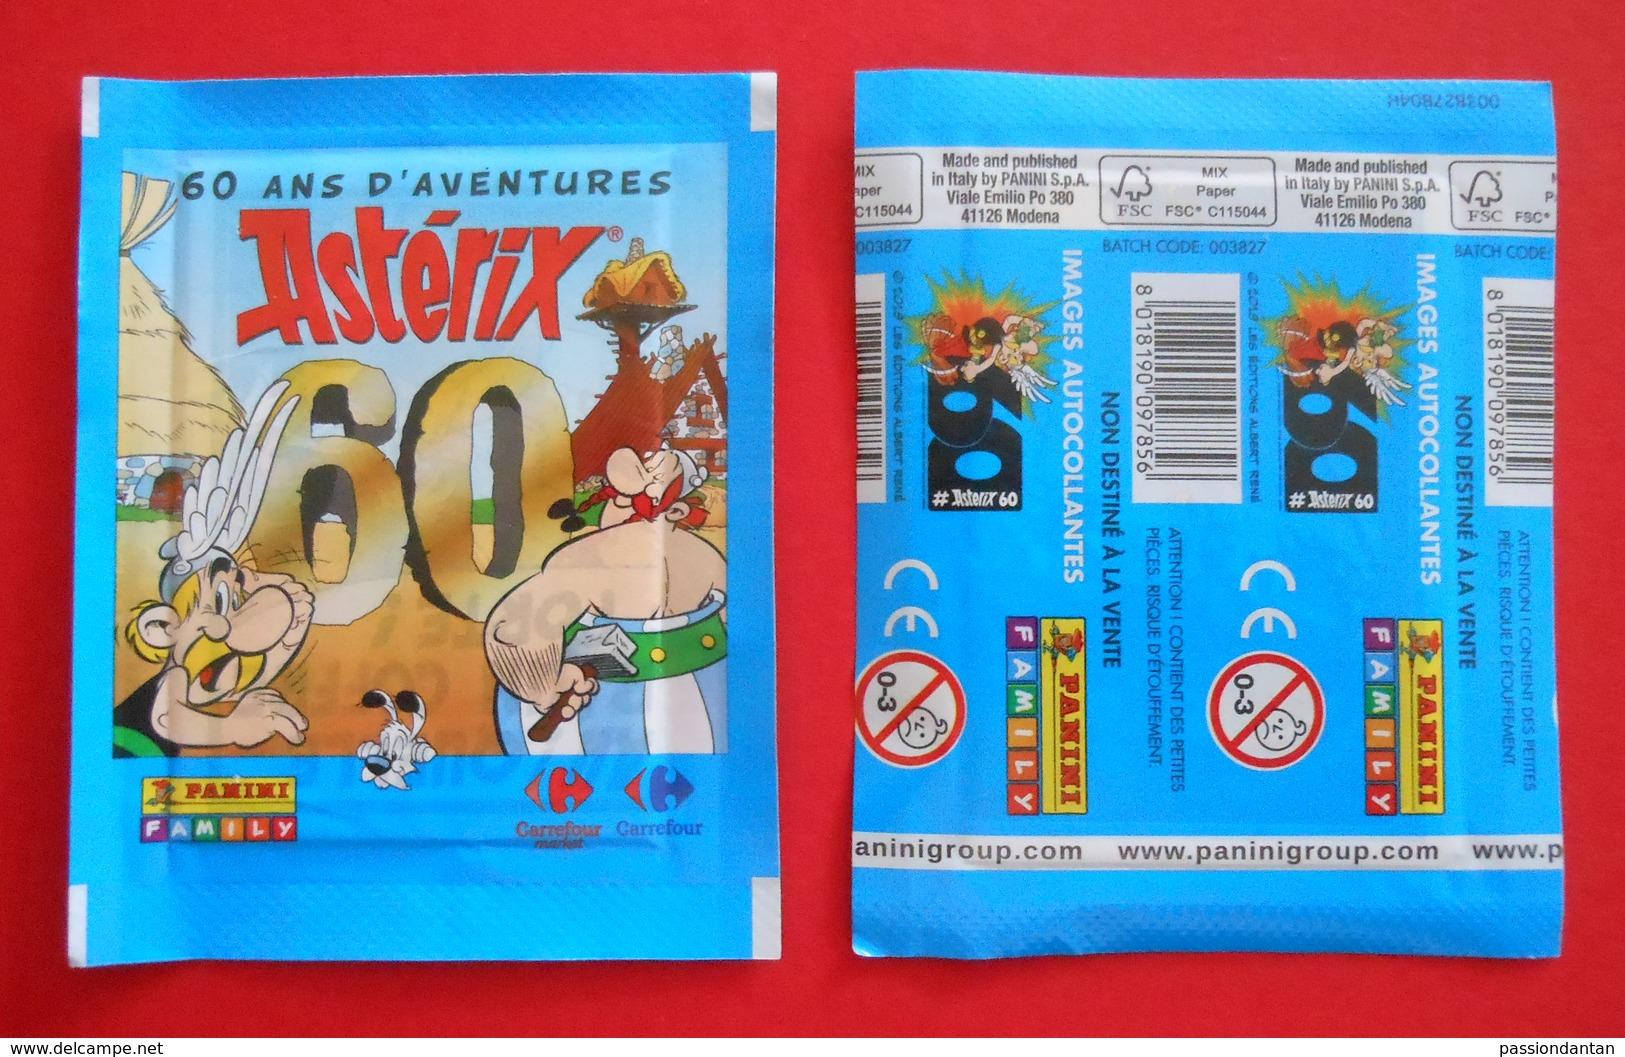 Vingt Pochettes Panini Neuves - Astérix - 60 Ans D'aventures - French Edition